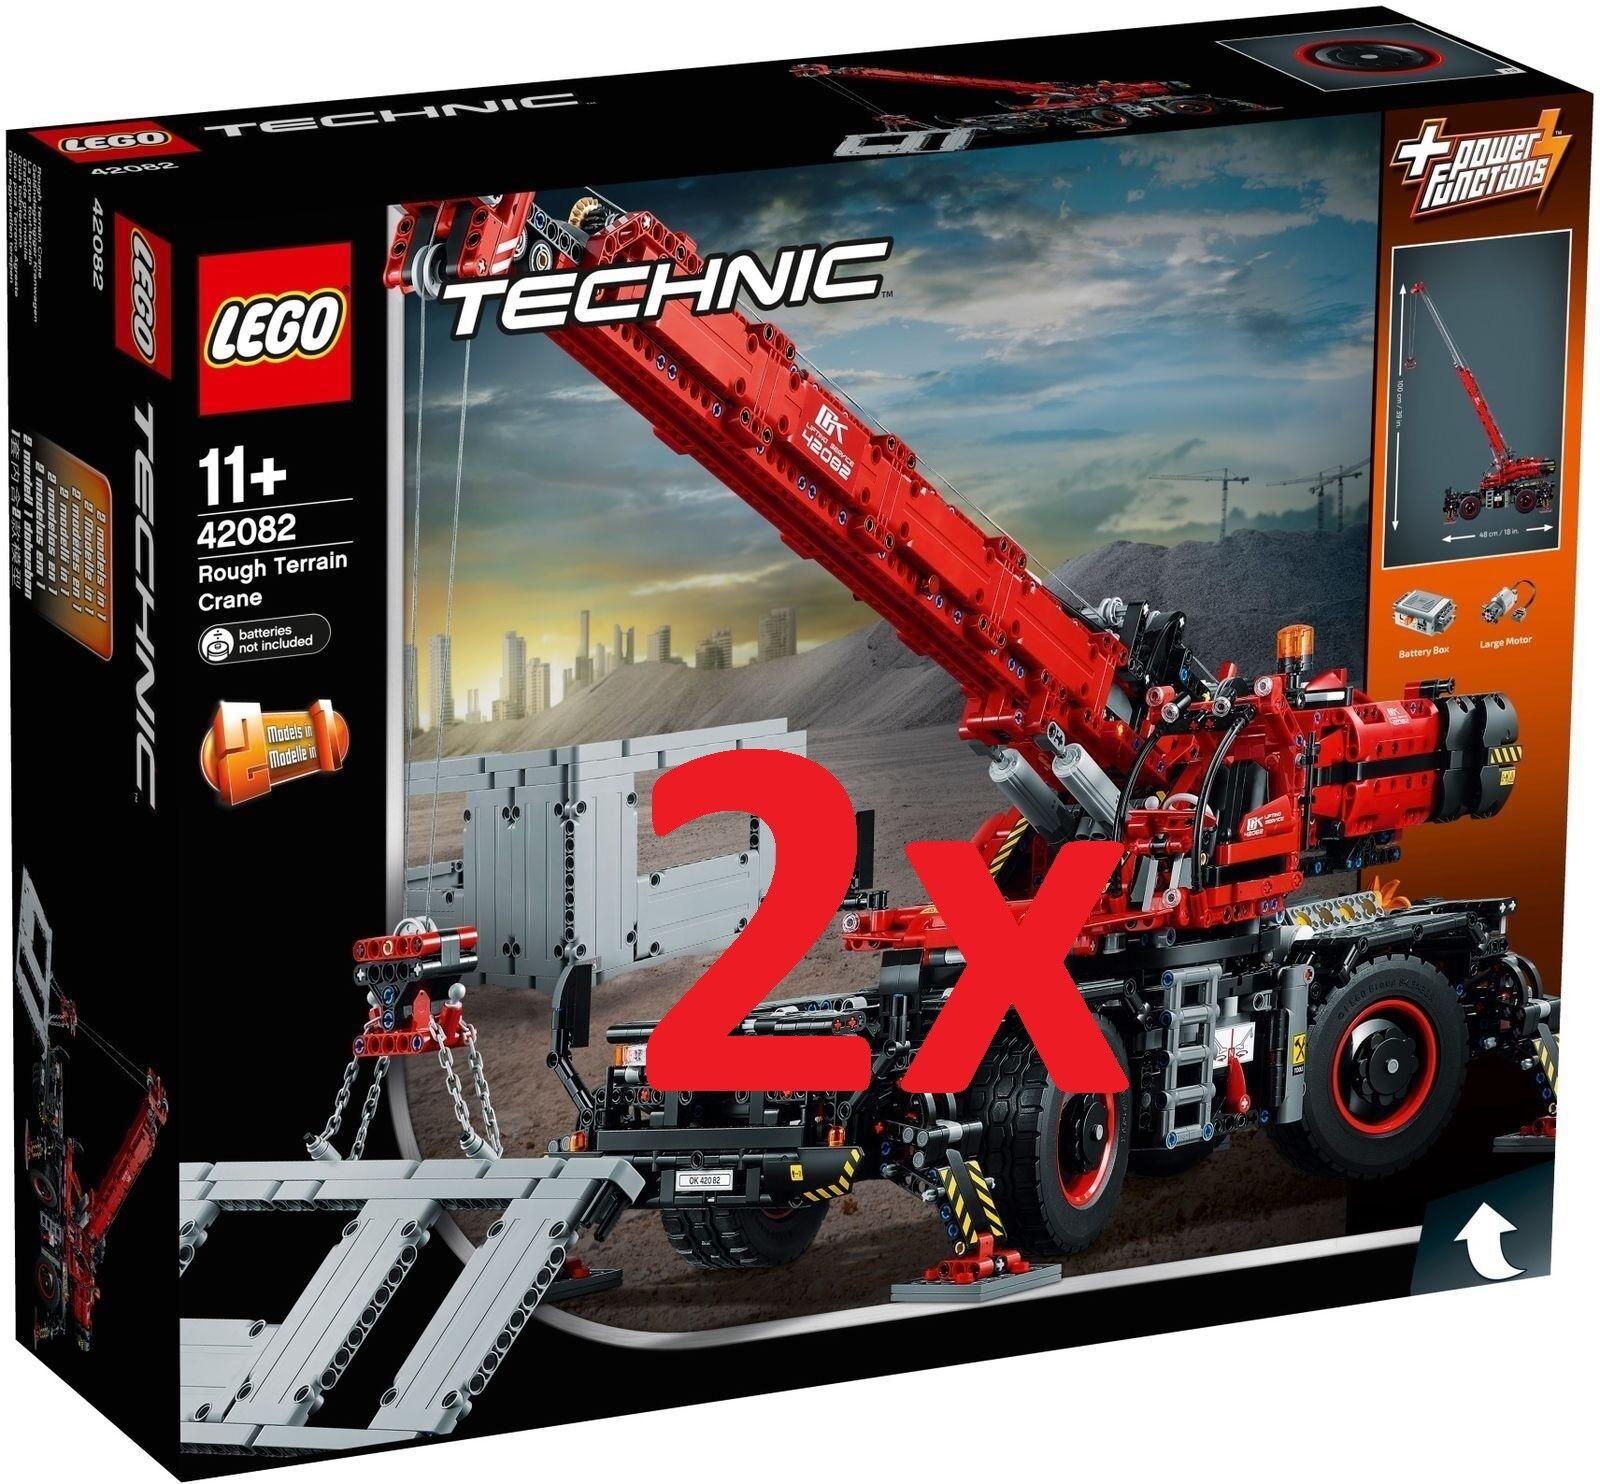 LEGO® 2x 42082  TECHNIC - Rough Terrain Crane - nuovo   FACTORY SEALED  prodotti creativi